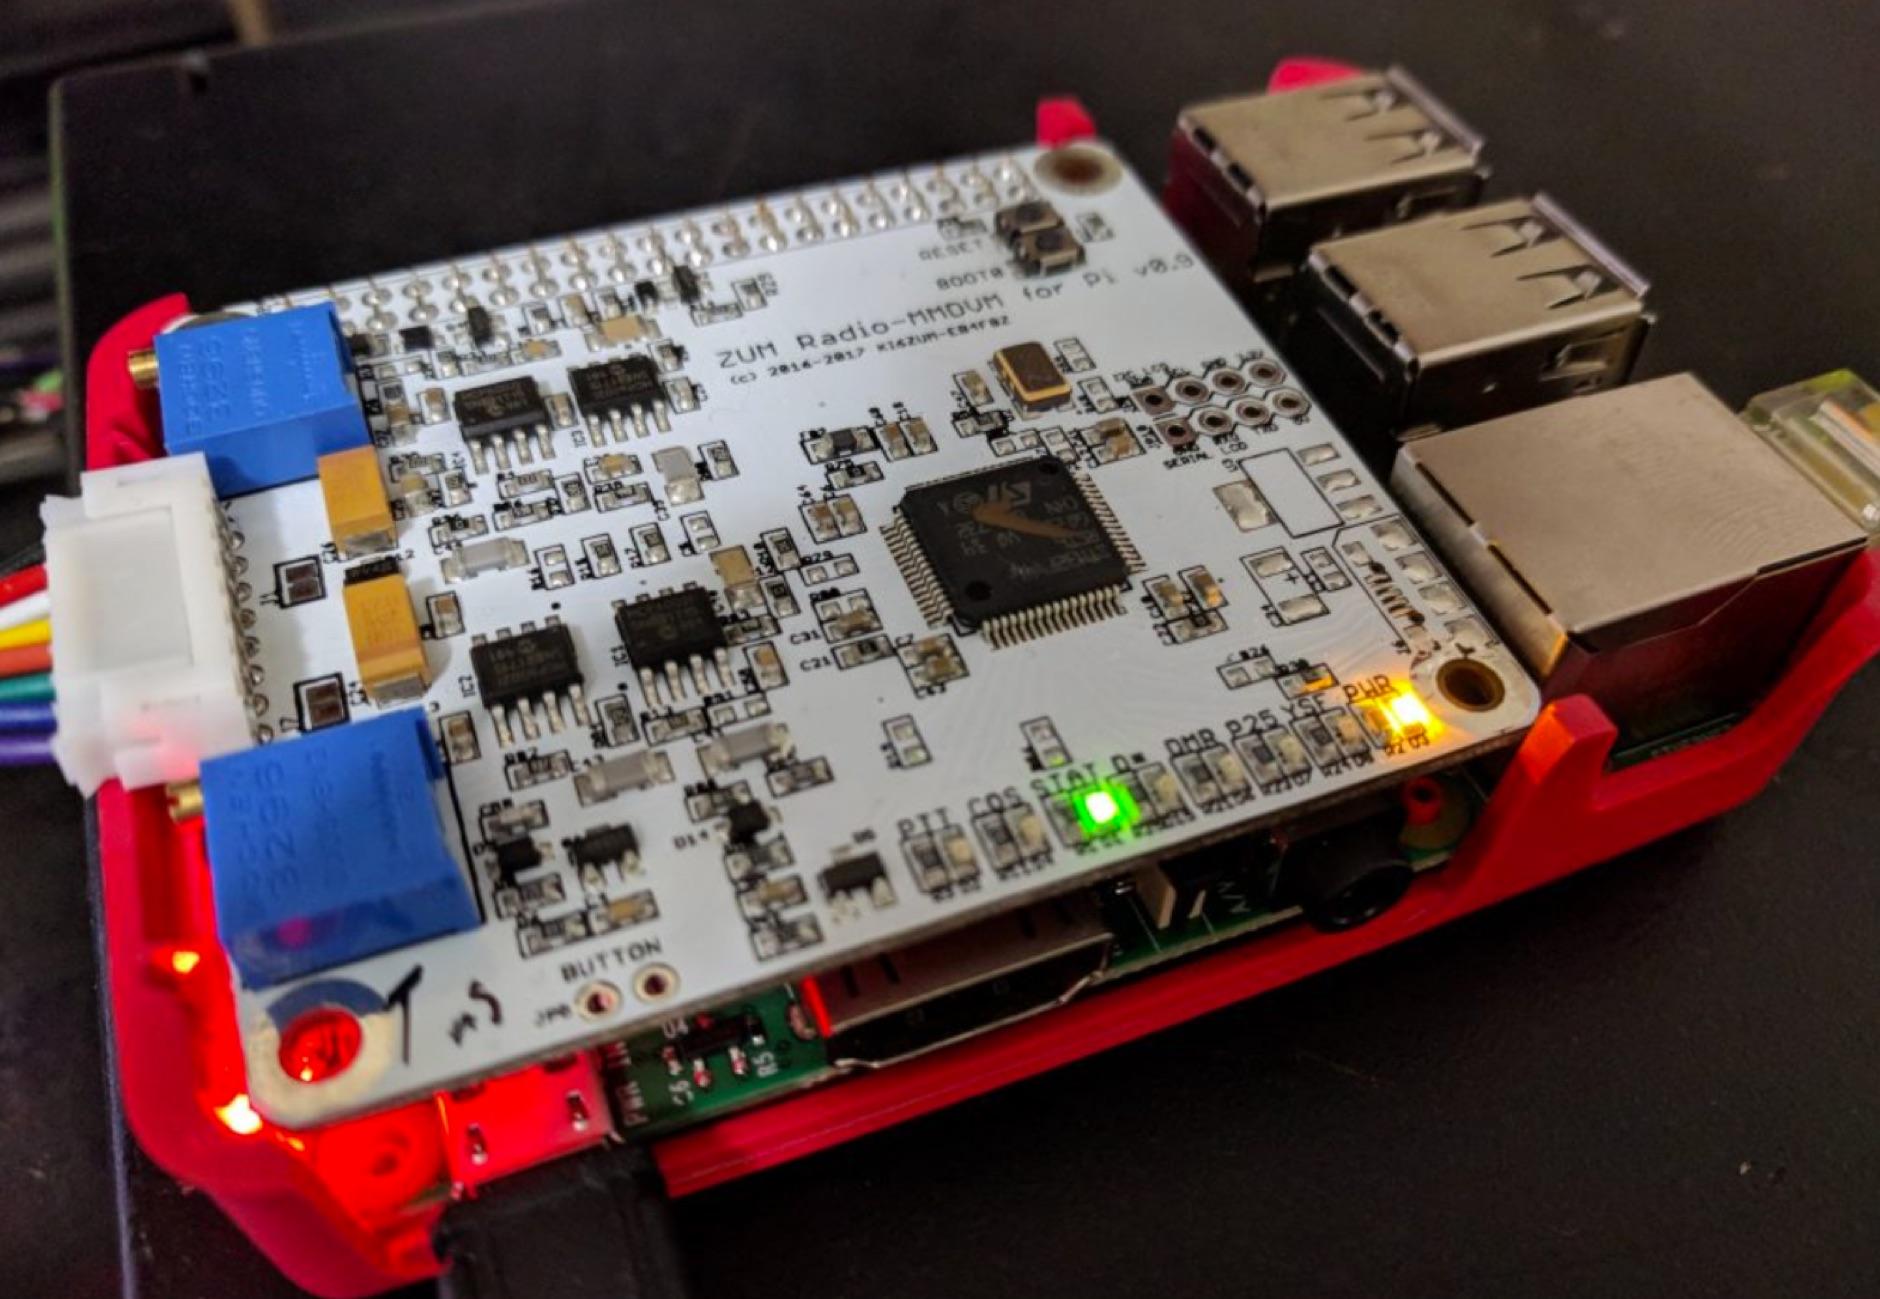 MMDVM Digital Repeater DIY